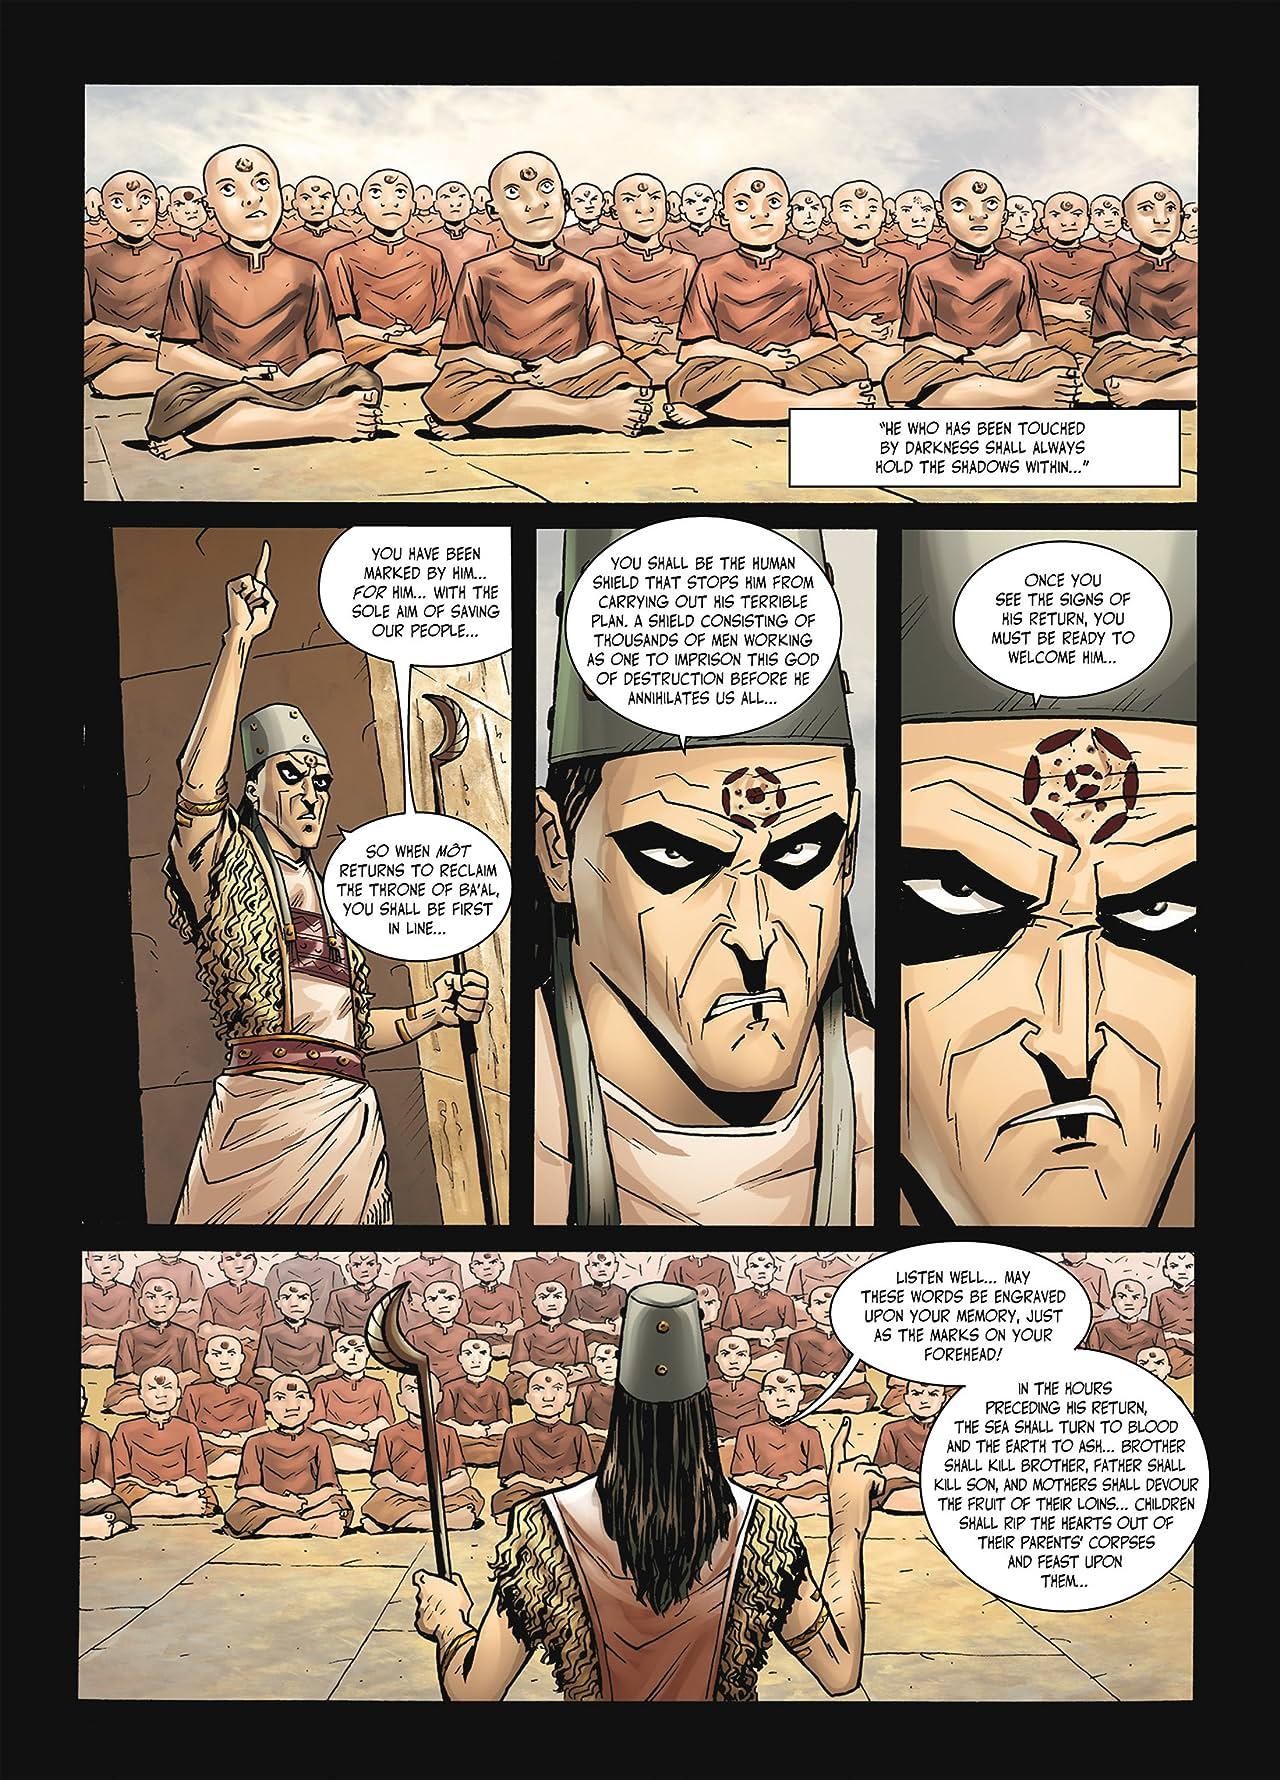 Sanctum Redux Vol. 5: The Procession of Sacrifices